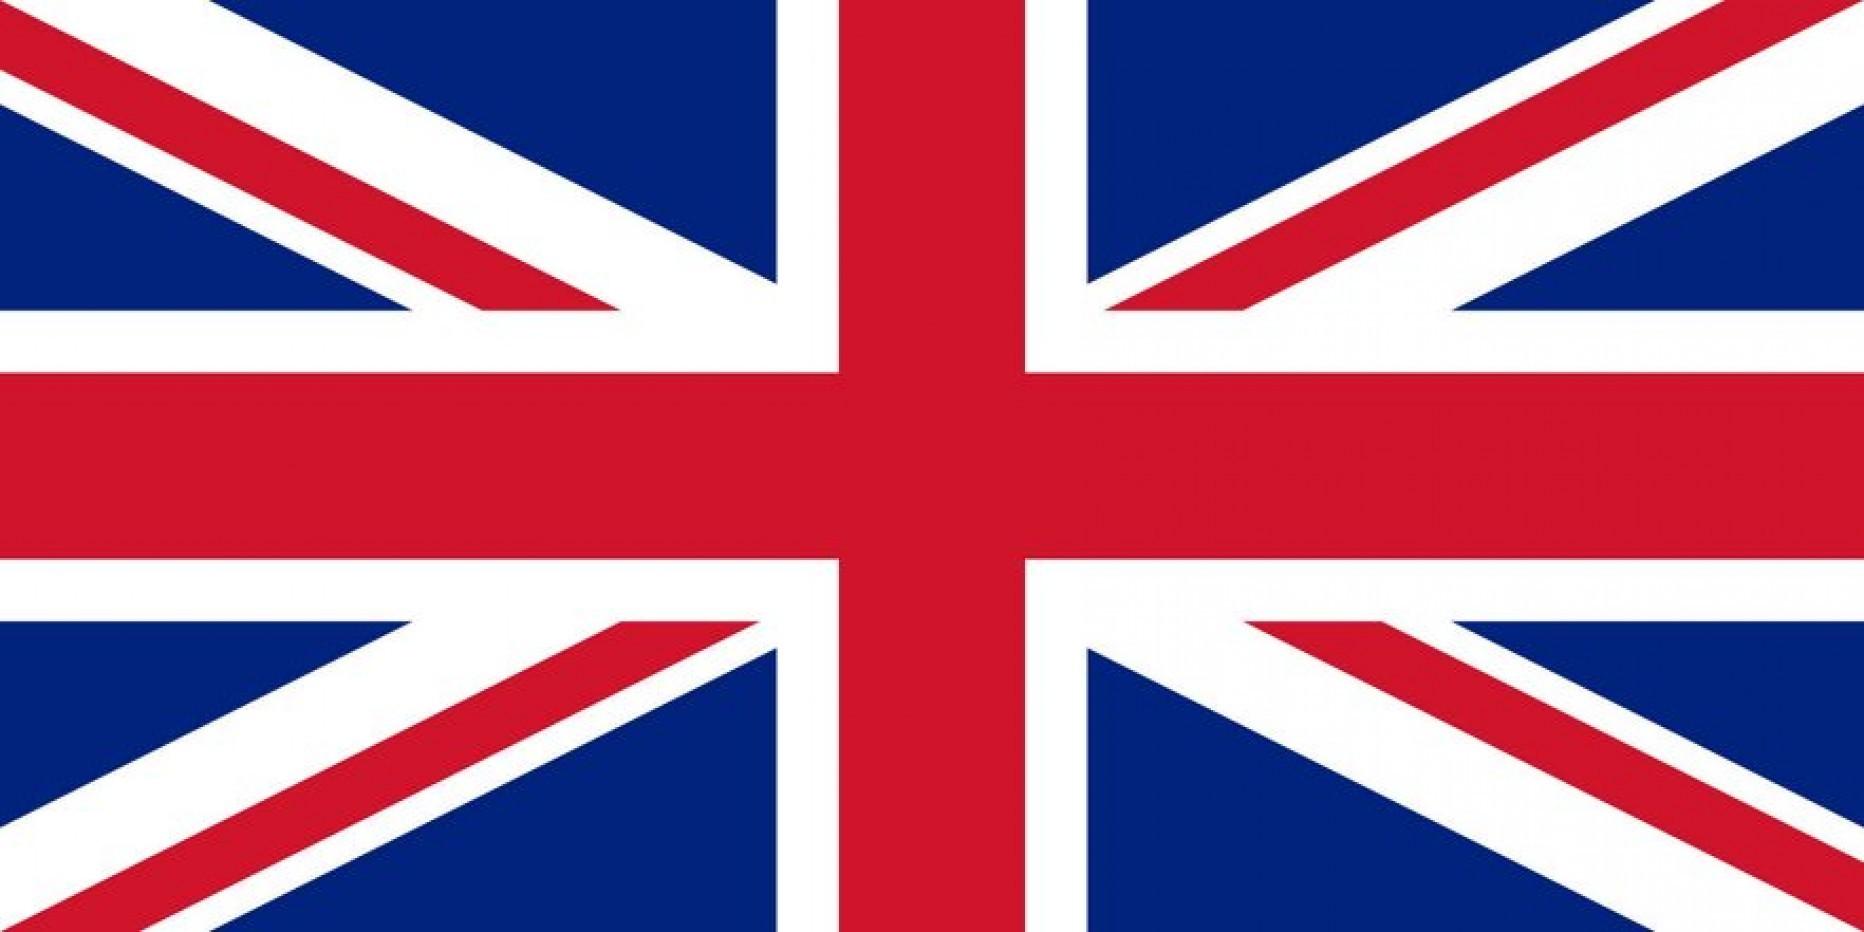 10 choses à savoir sur le Royaume-Uni